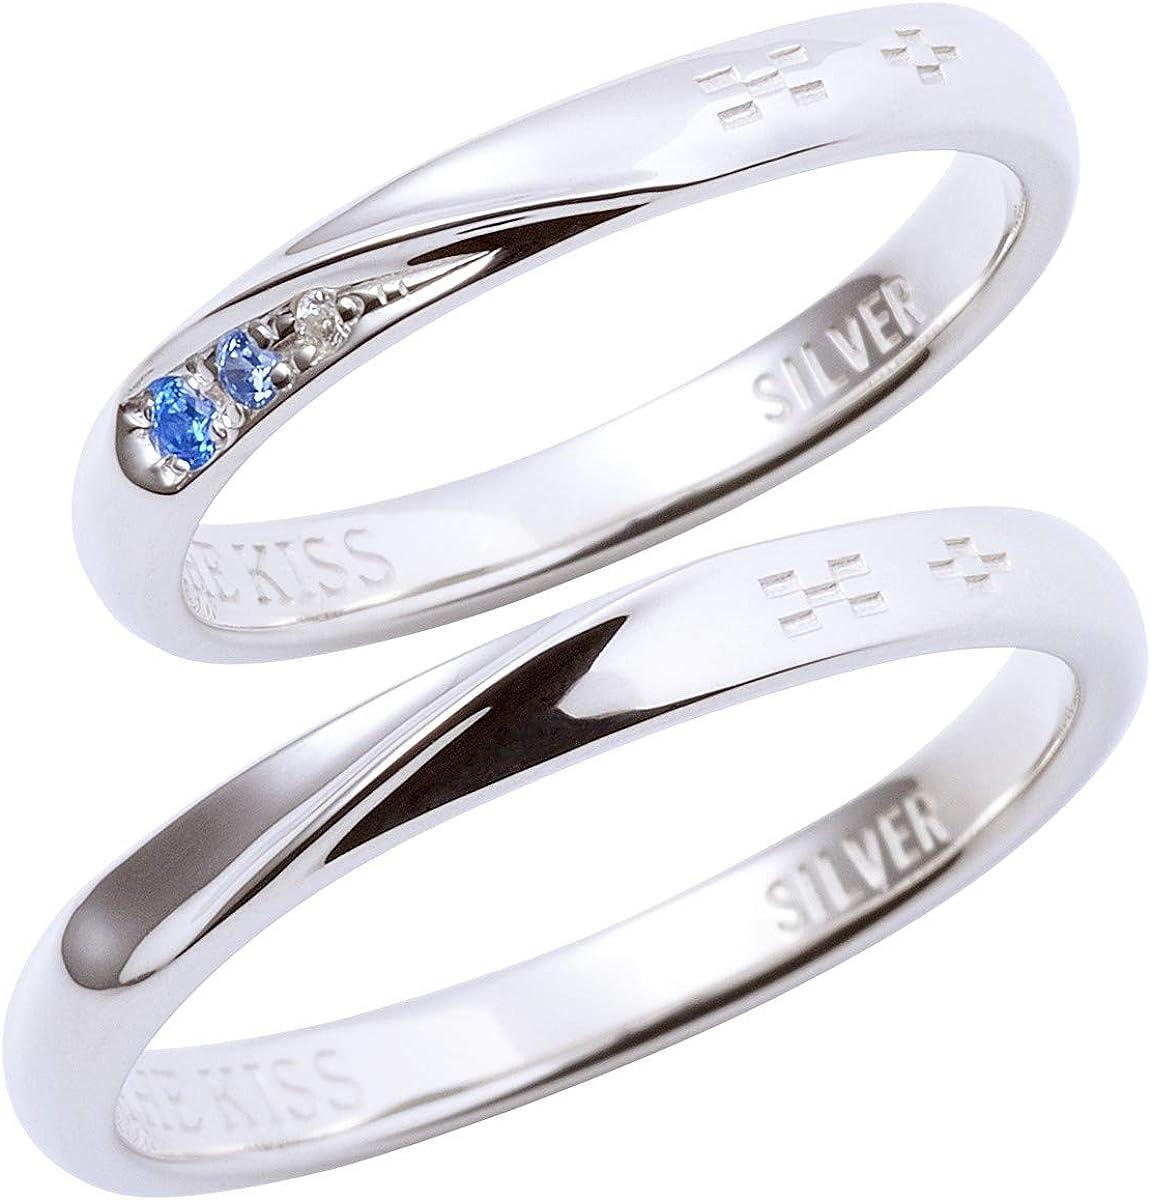 [ザ・キッス] THE KISS SR2440CB-2441 (Lady's:9号 Men's:19号) 結婚指輪 2個セット 沖縄 ミンサー織り模様 シルバー ペアリング